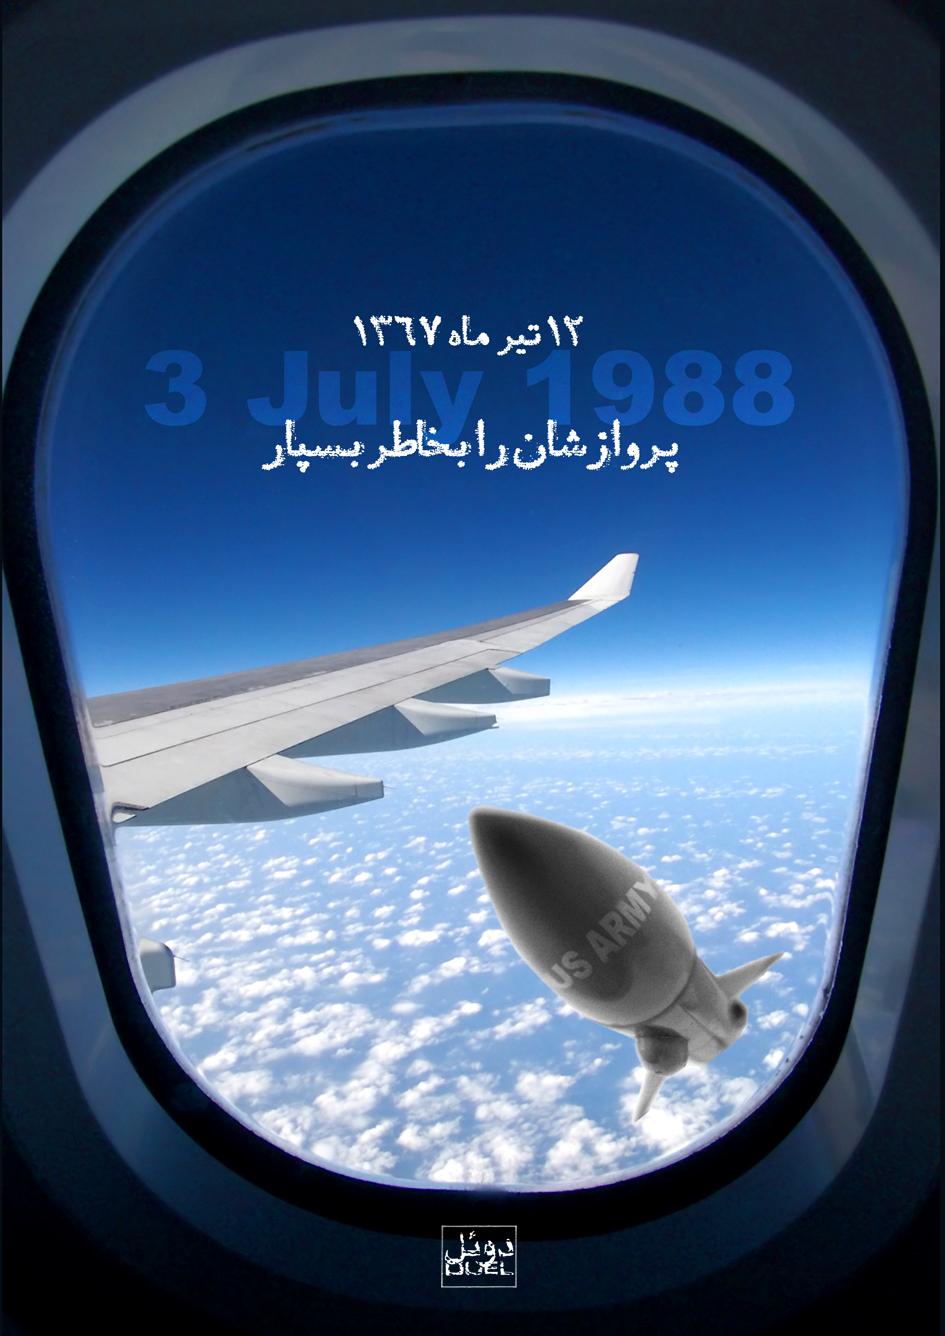 تصاویر مربوط به سقوط هواپیمایی مساوبری ایران توسط ناوجنگی آمریکا